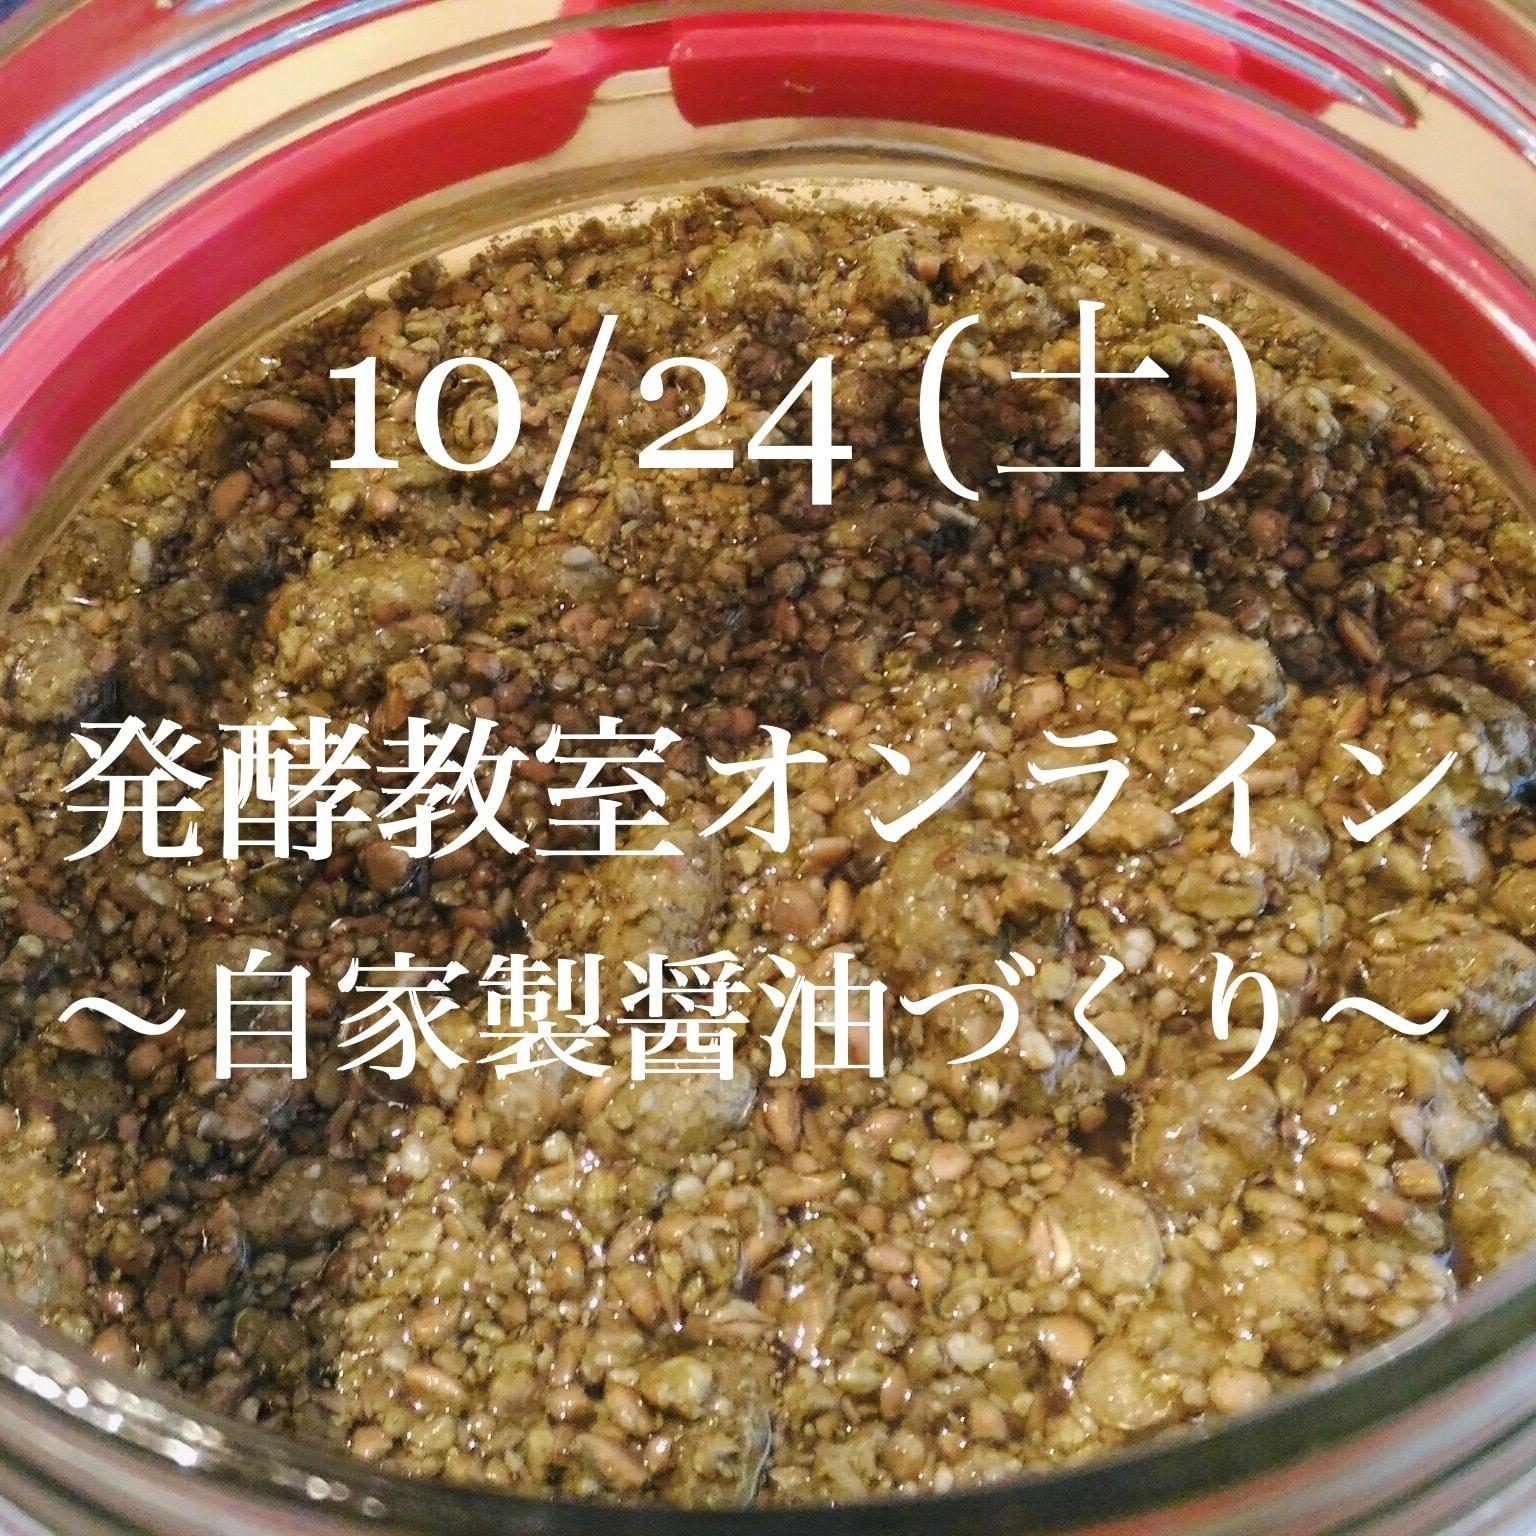 【オンライン】醤油づくり教室 自家製醤油仕込みキット付のイメージその1